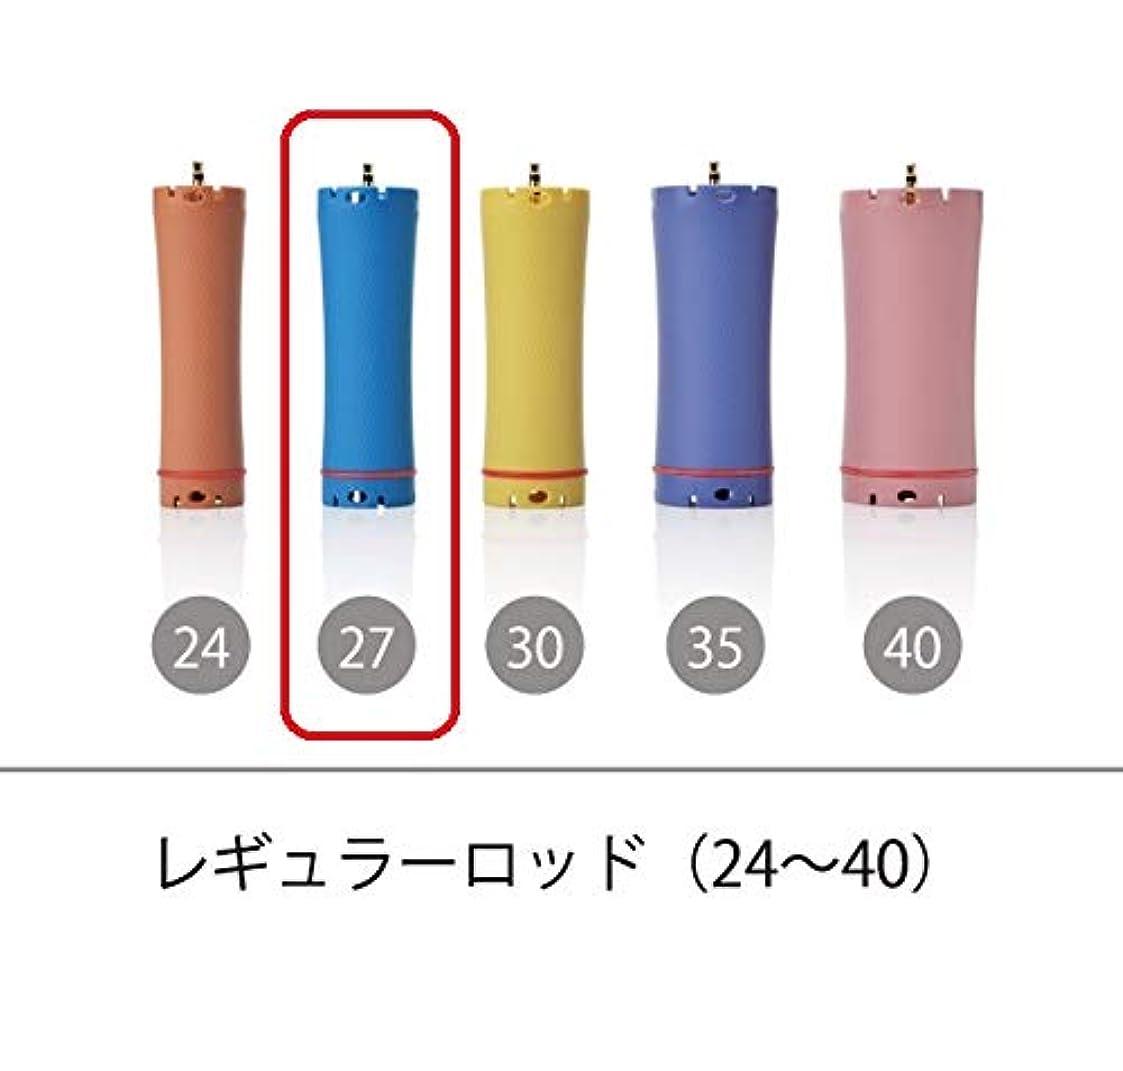 同じ虎下るソキウス 専用ロッド レギュラーロッド 27mm